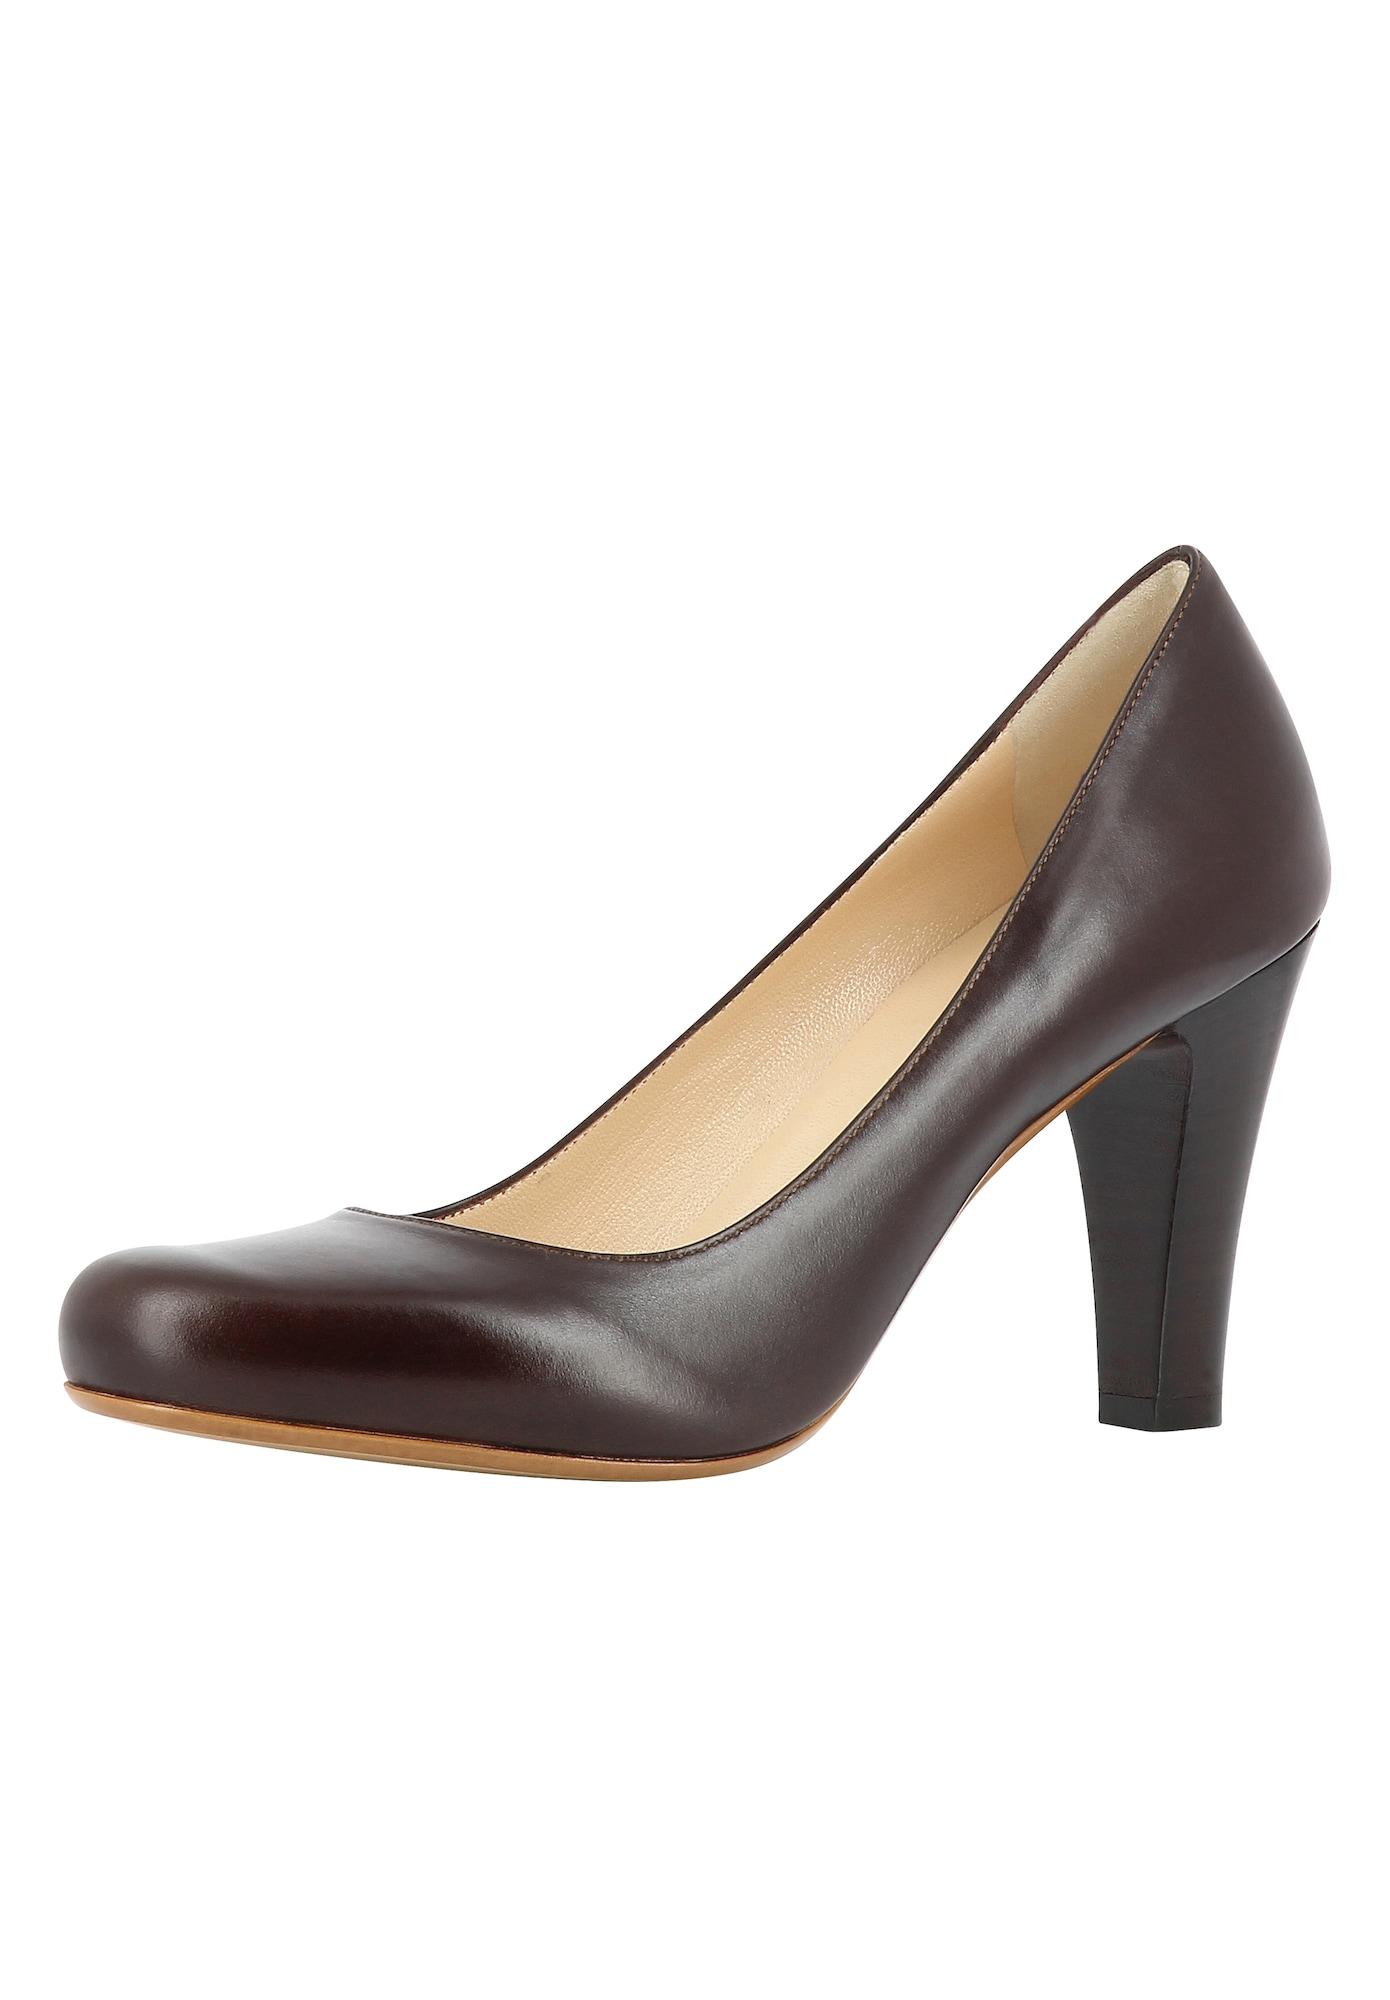 Damen Pumps | Schuhe > Pumps > Klassische Pumps | EVITA